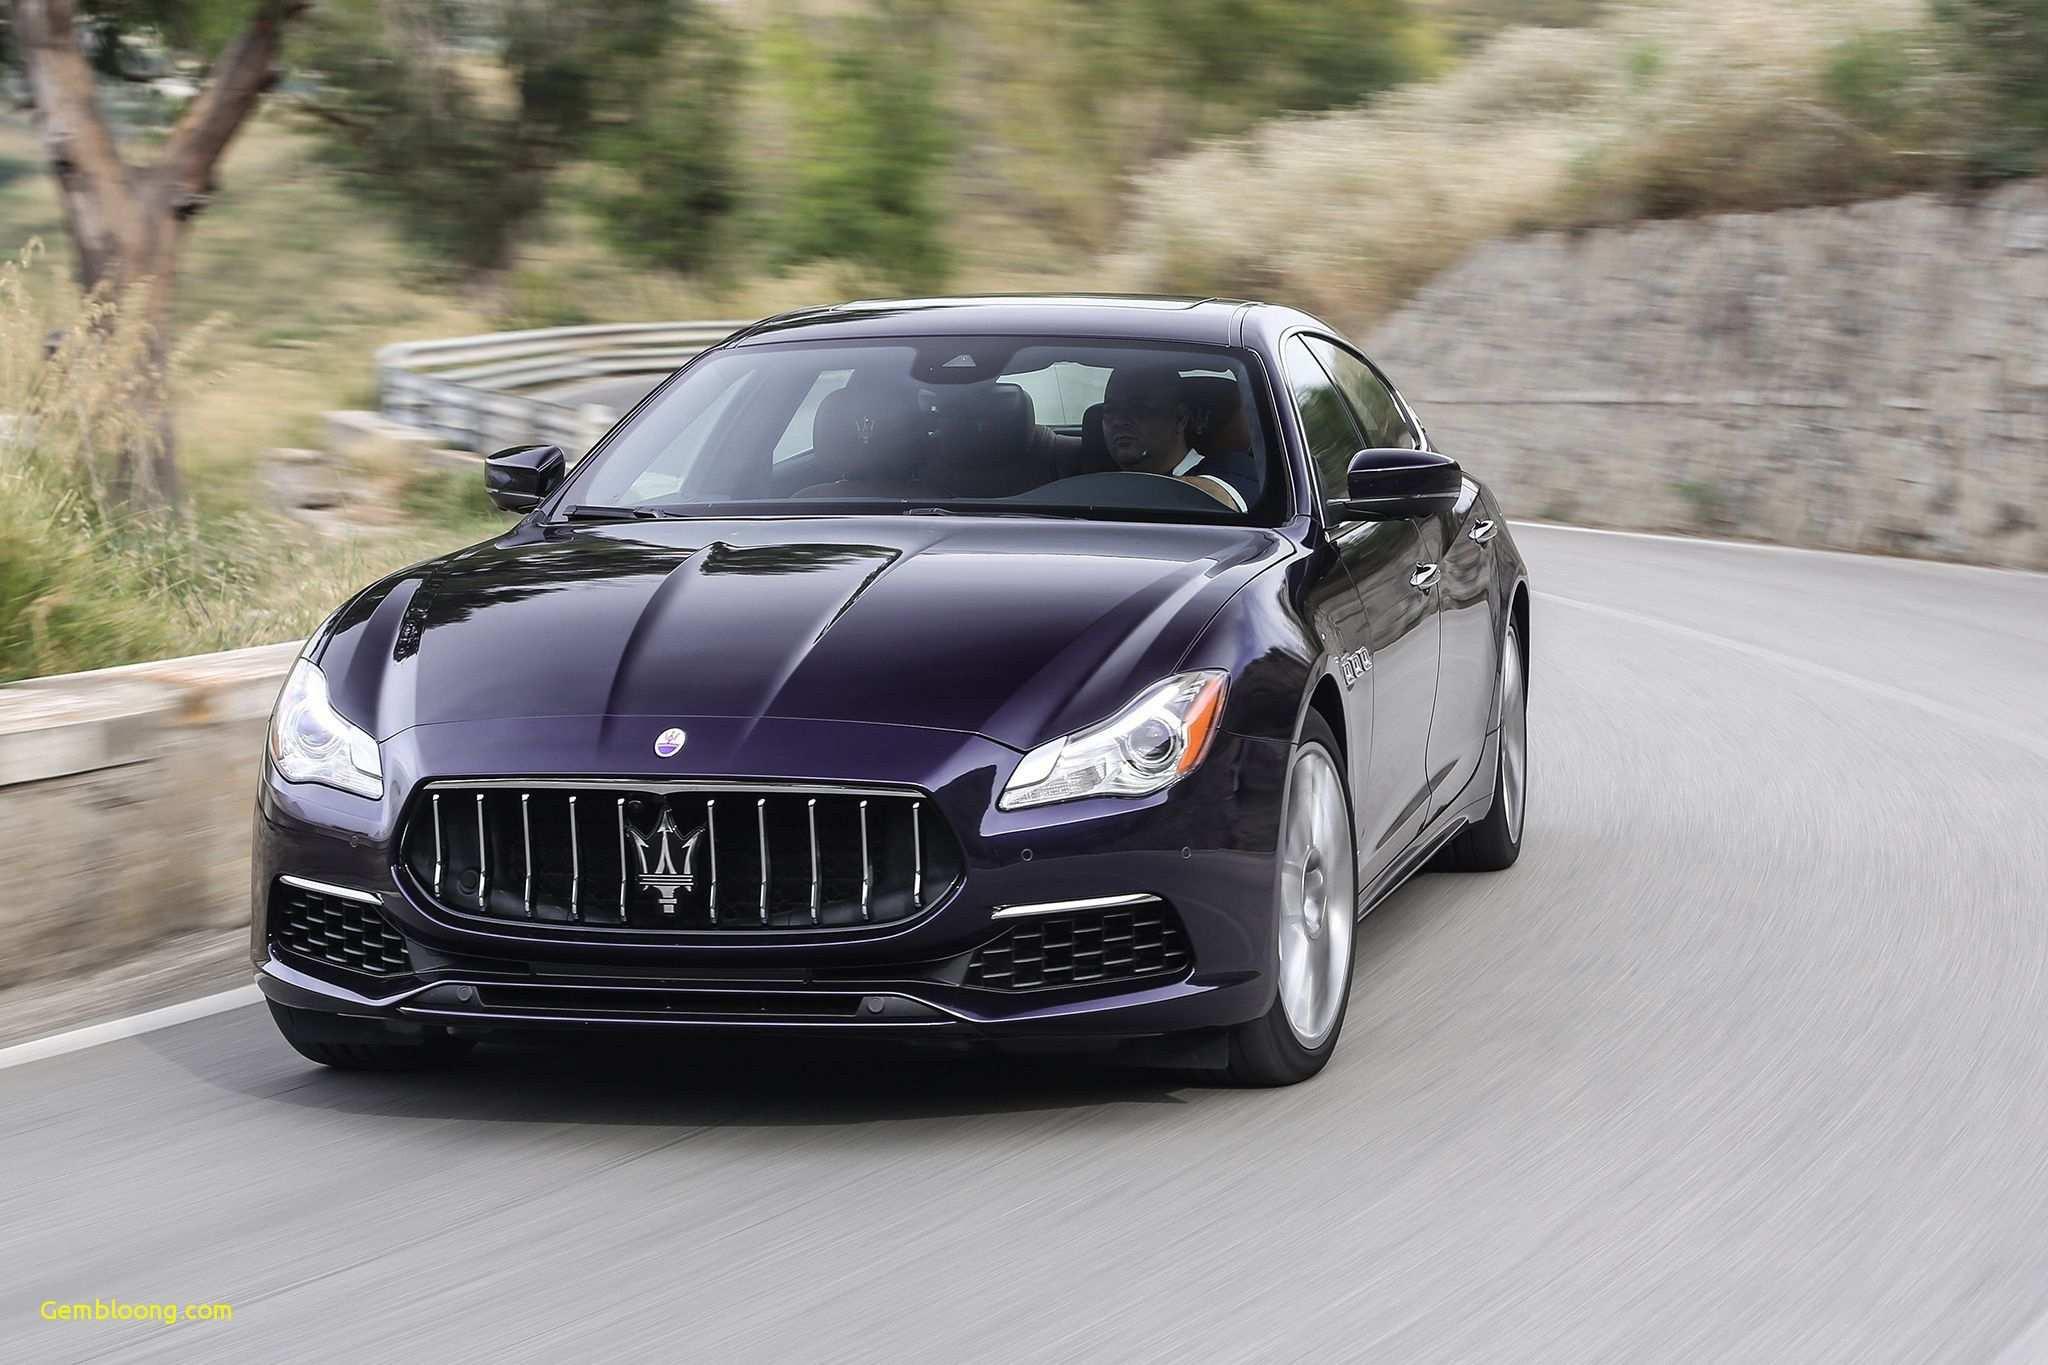 40 Best Review 2020 Maserati Quattroportes Exterior with 2020 Maserati Quattroportes